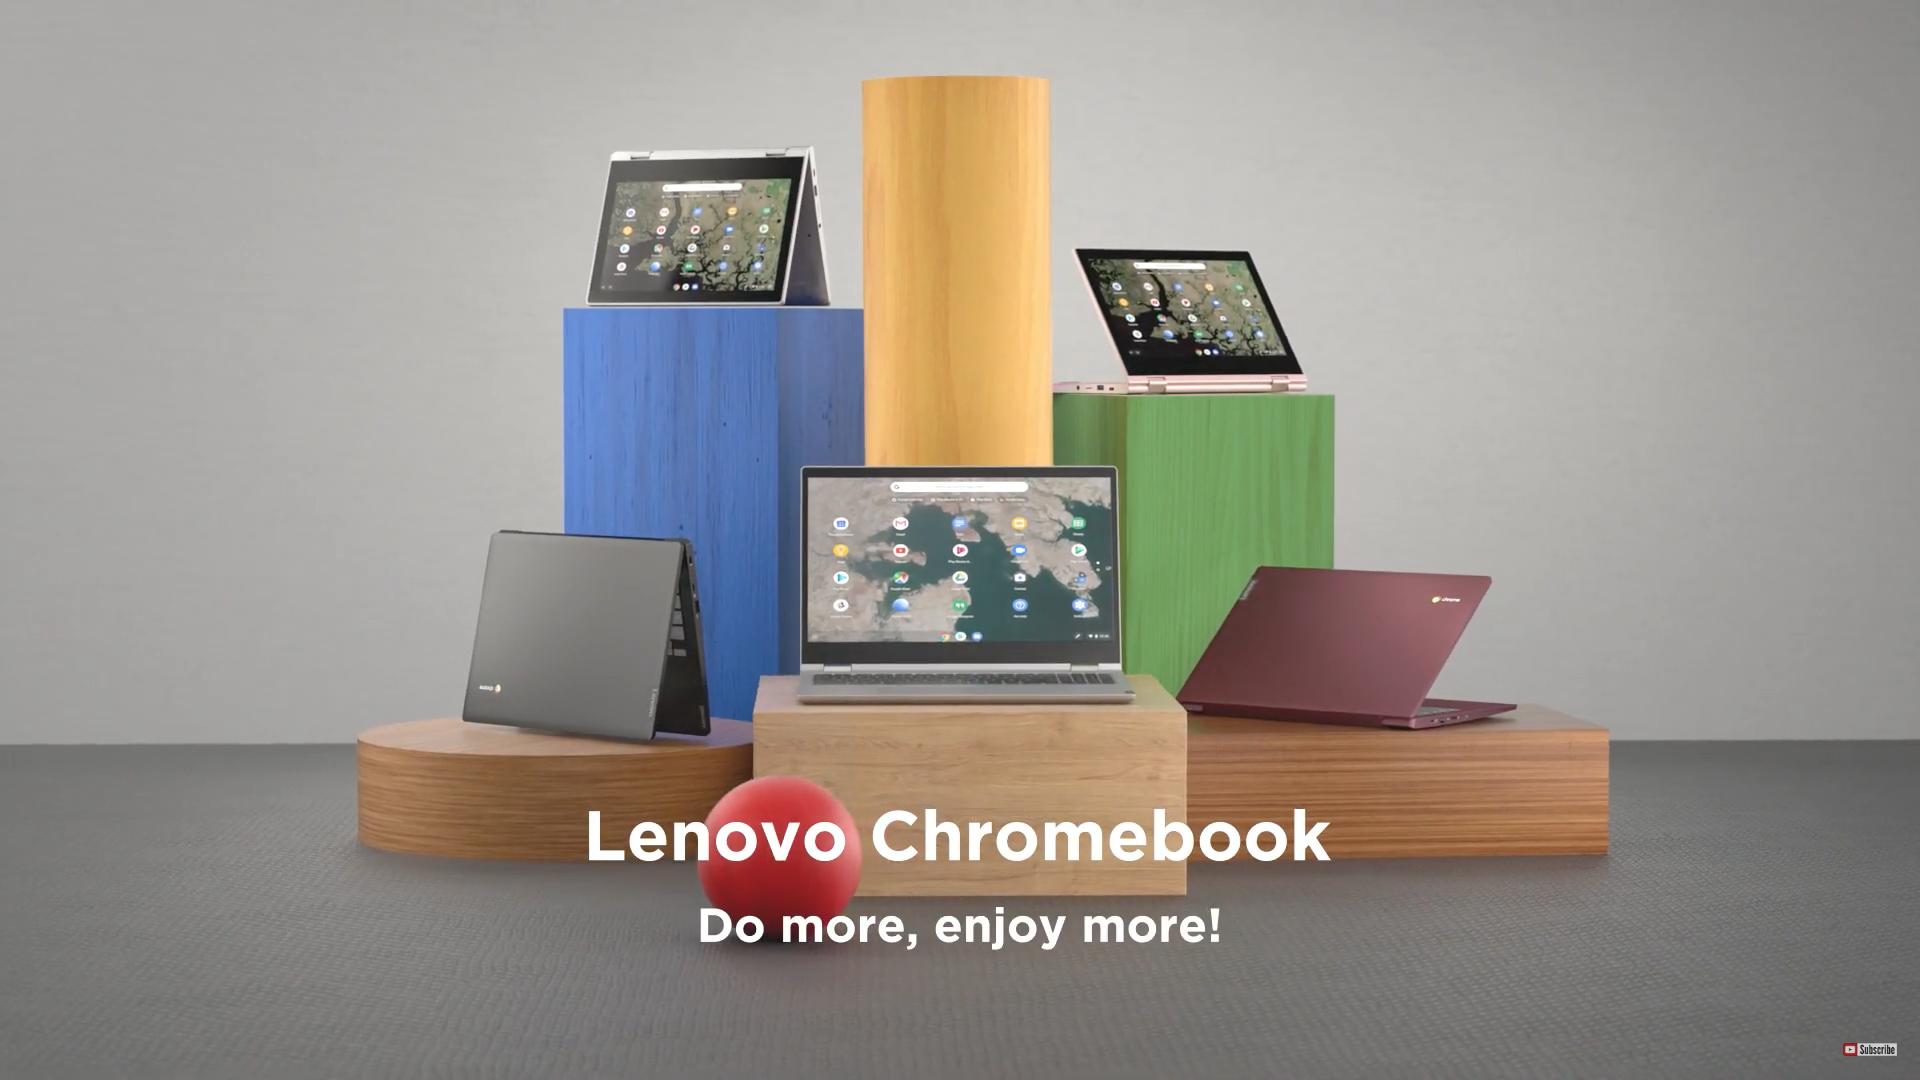 [Update: Official] Lenovo teases 3 new Chromebooks, moving from MediaTek chips to Intel 8th Gen